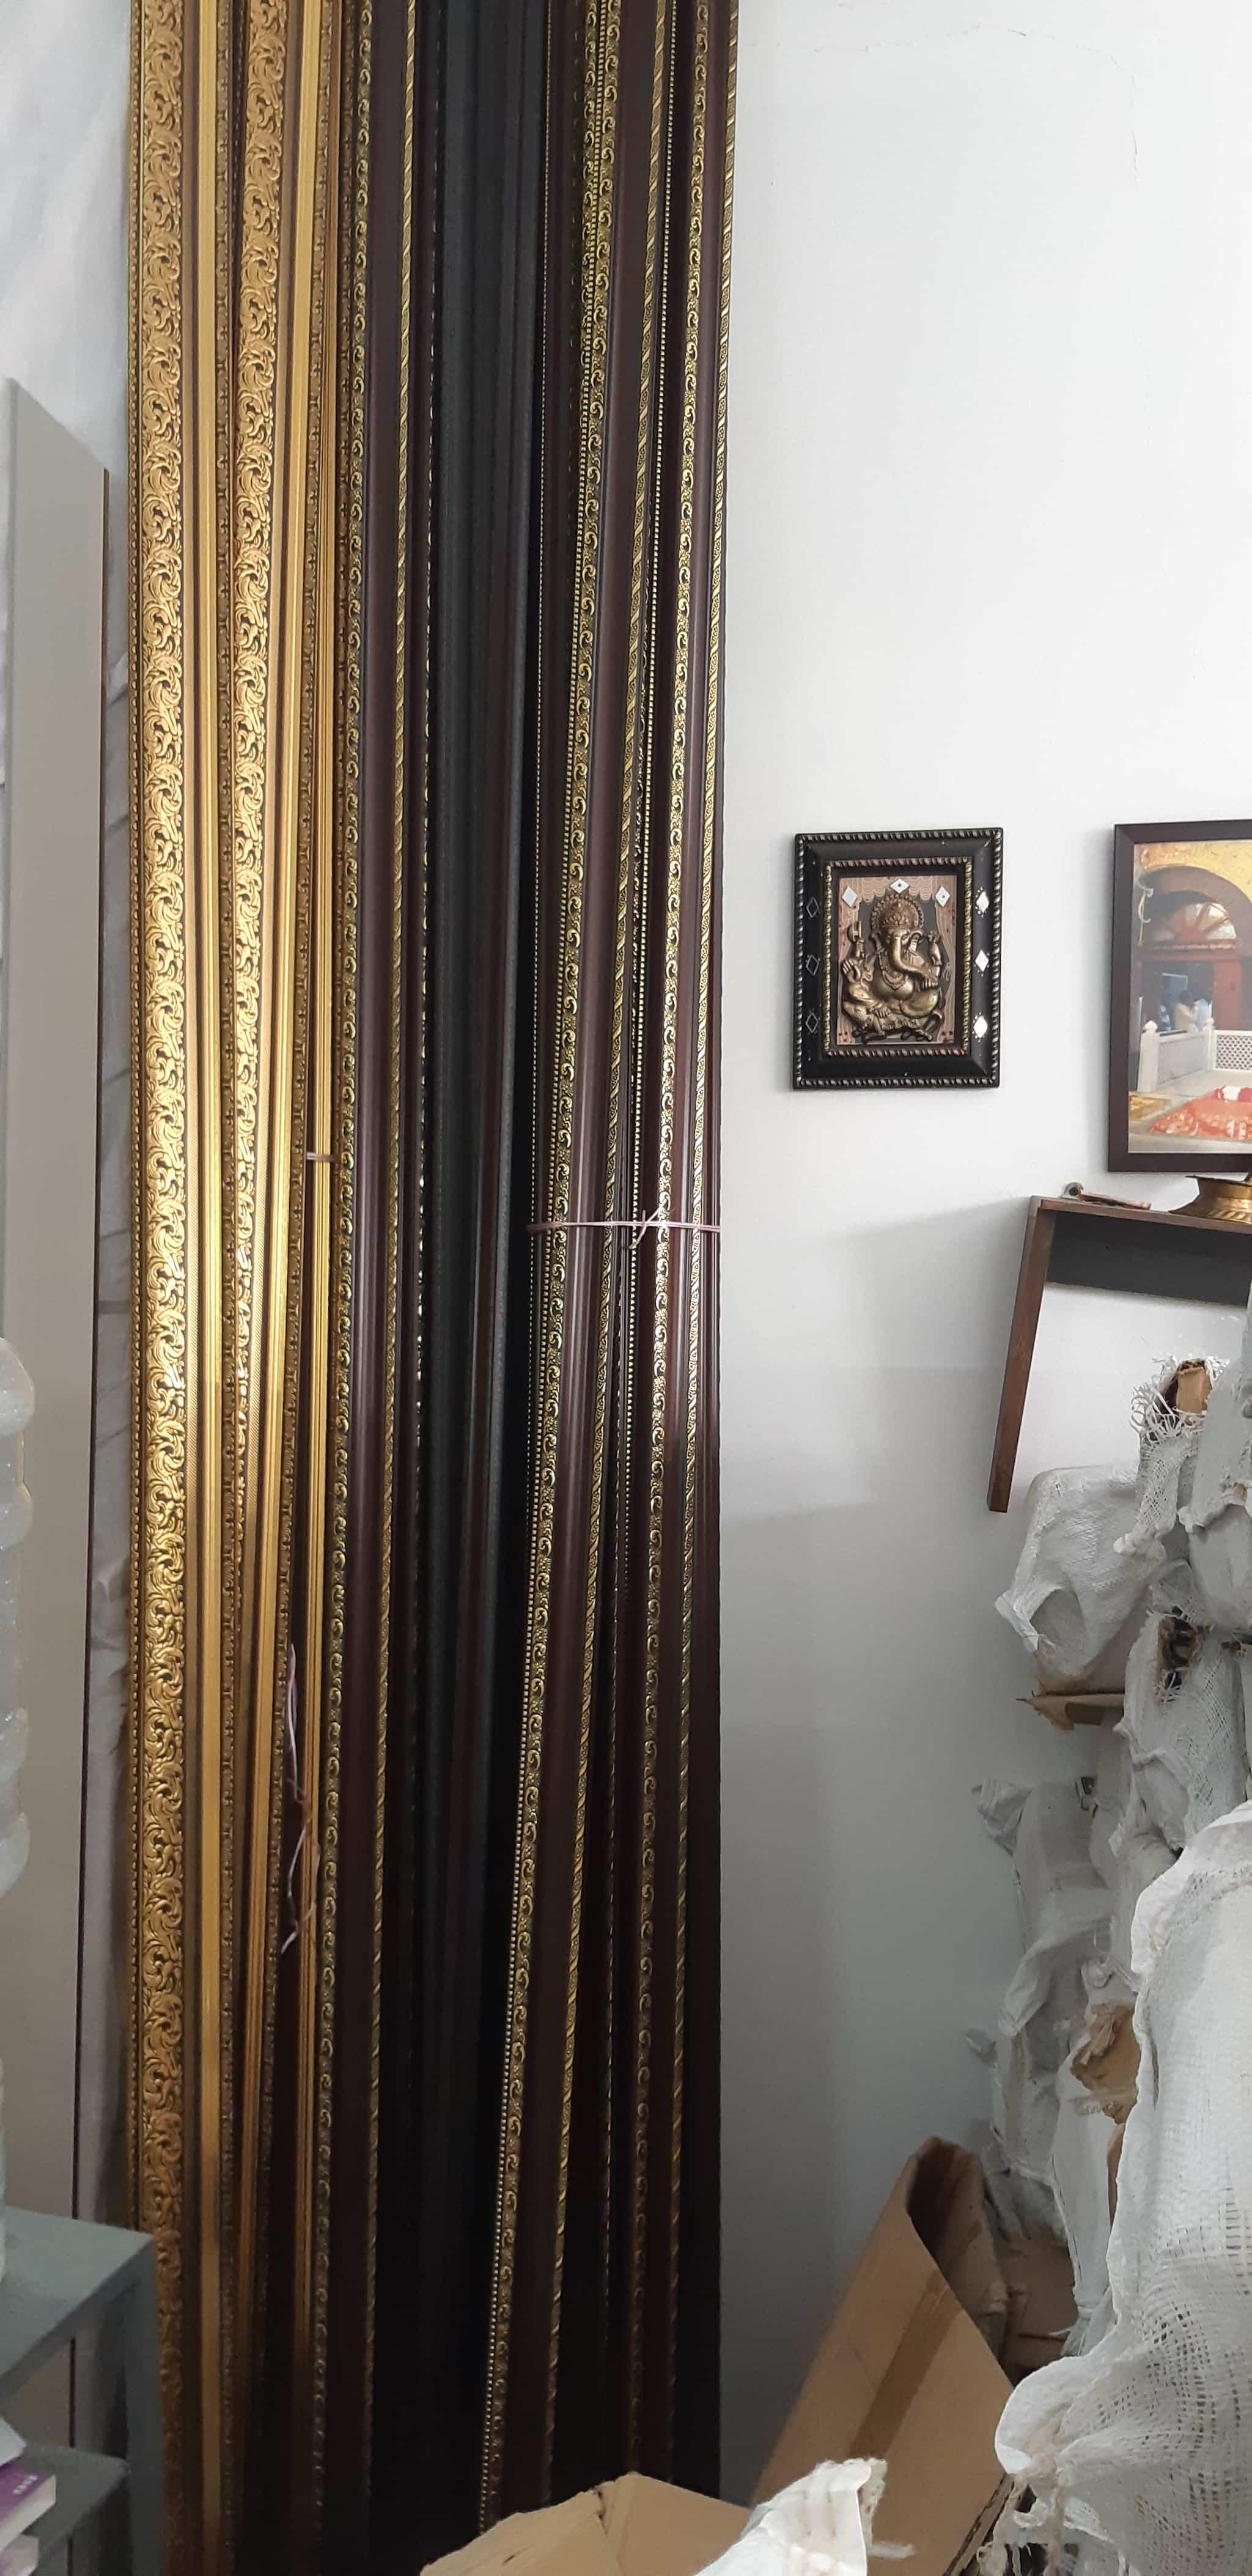 69876fb8a52d Frames Digital Studio